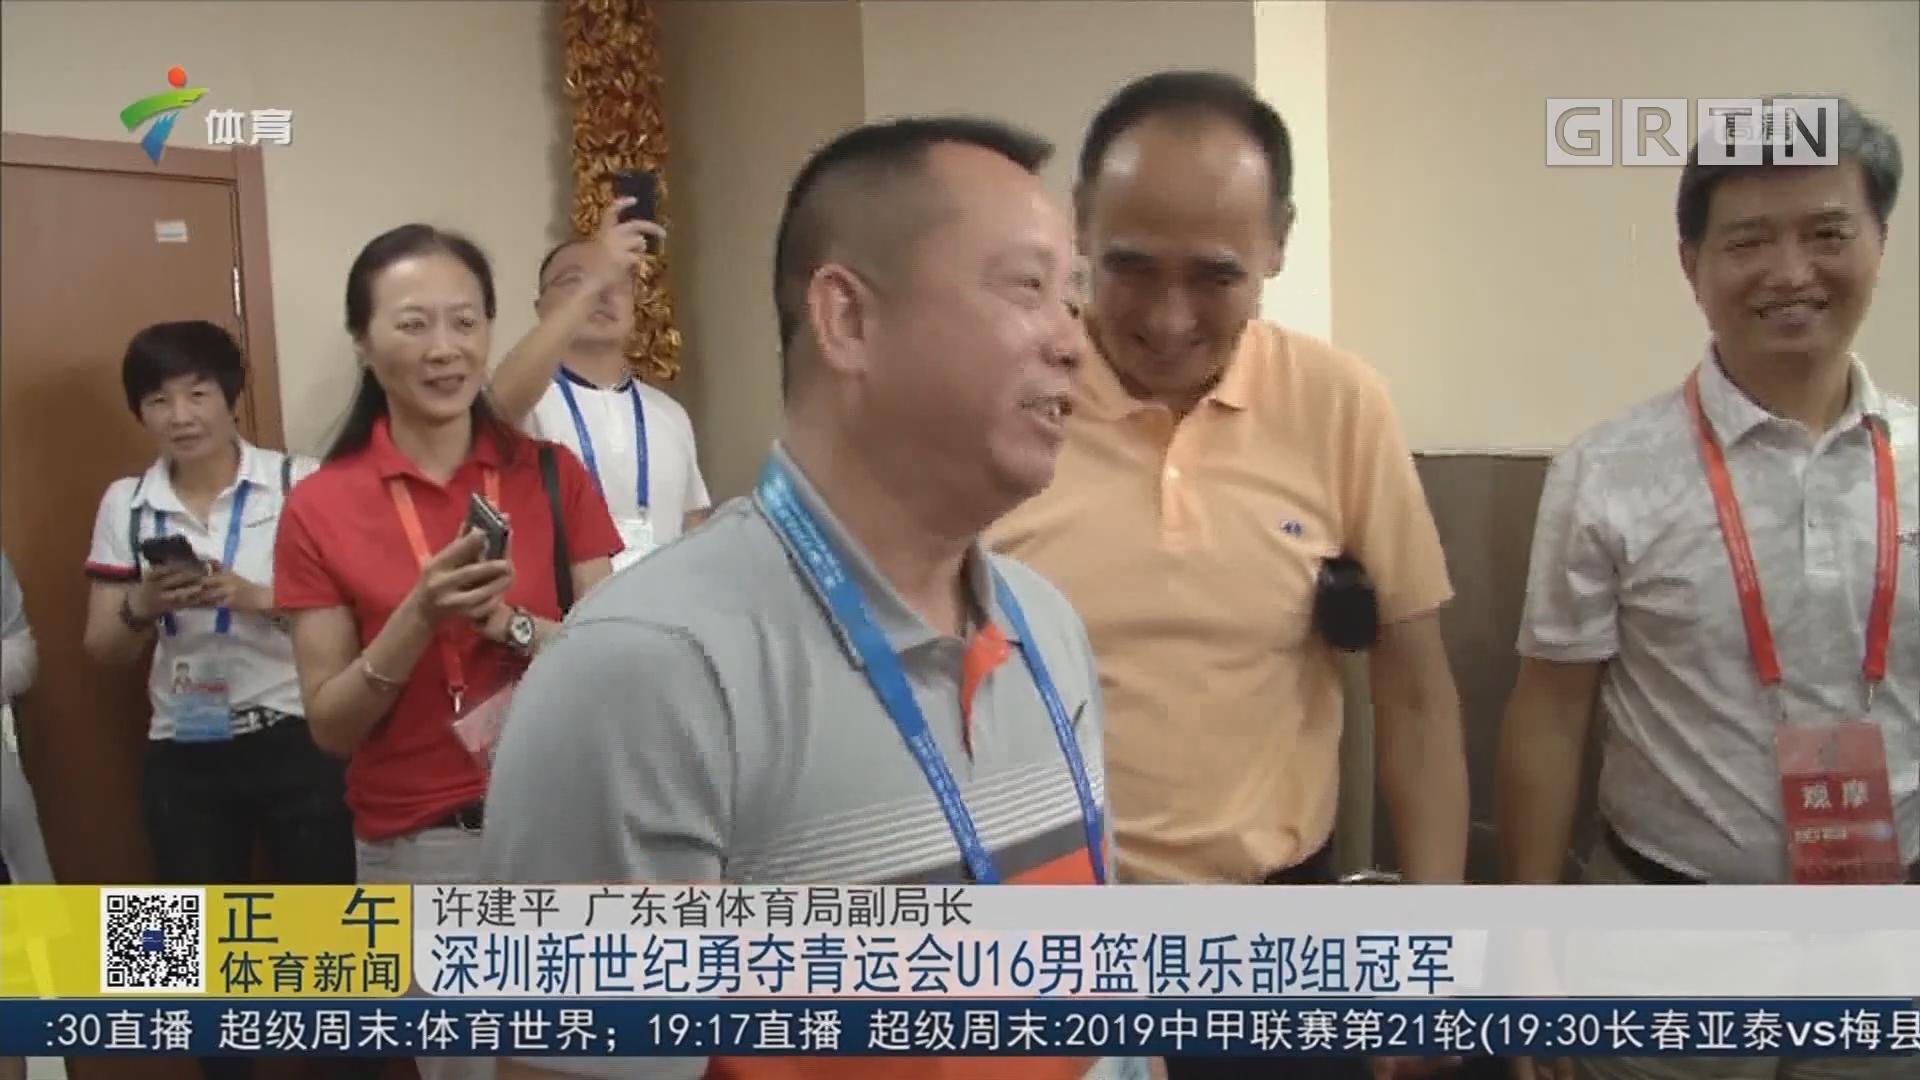 深圳新世纪勇夺青运会U16男篮俱乐部组冠军